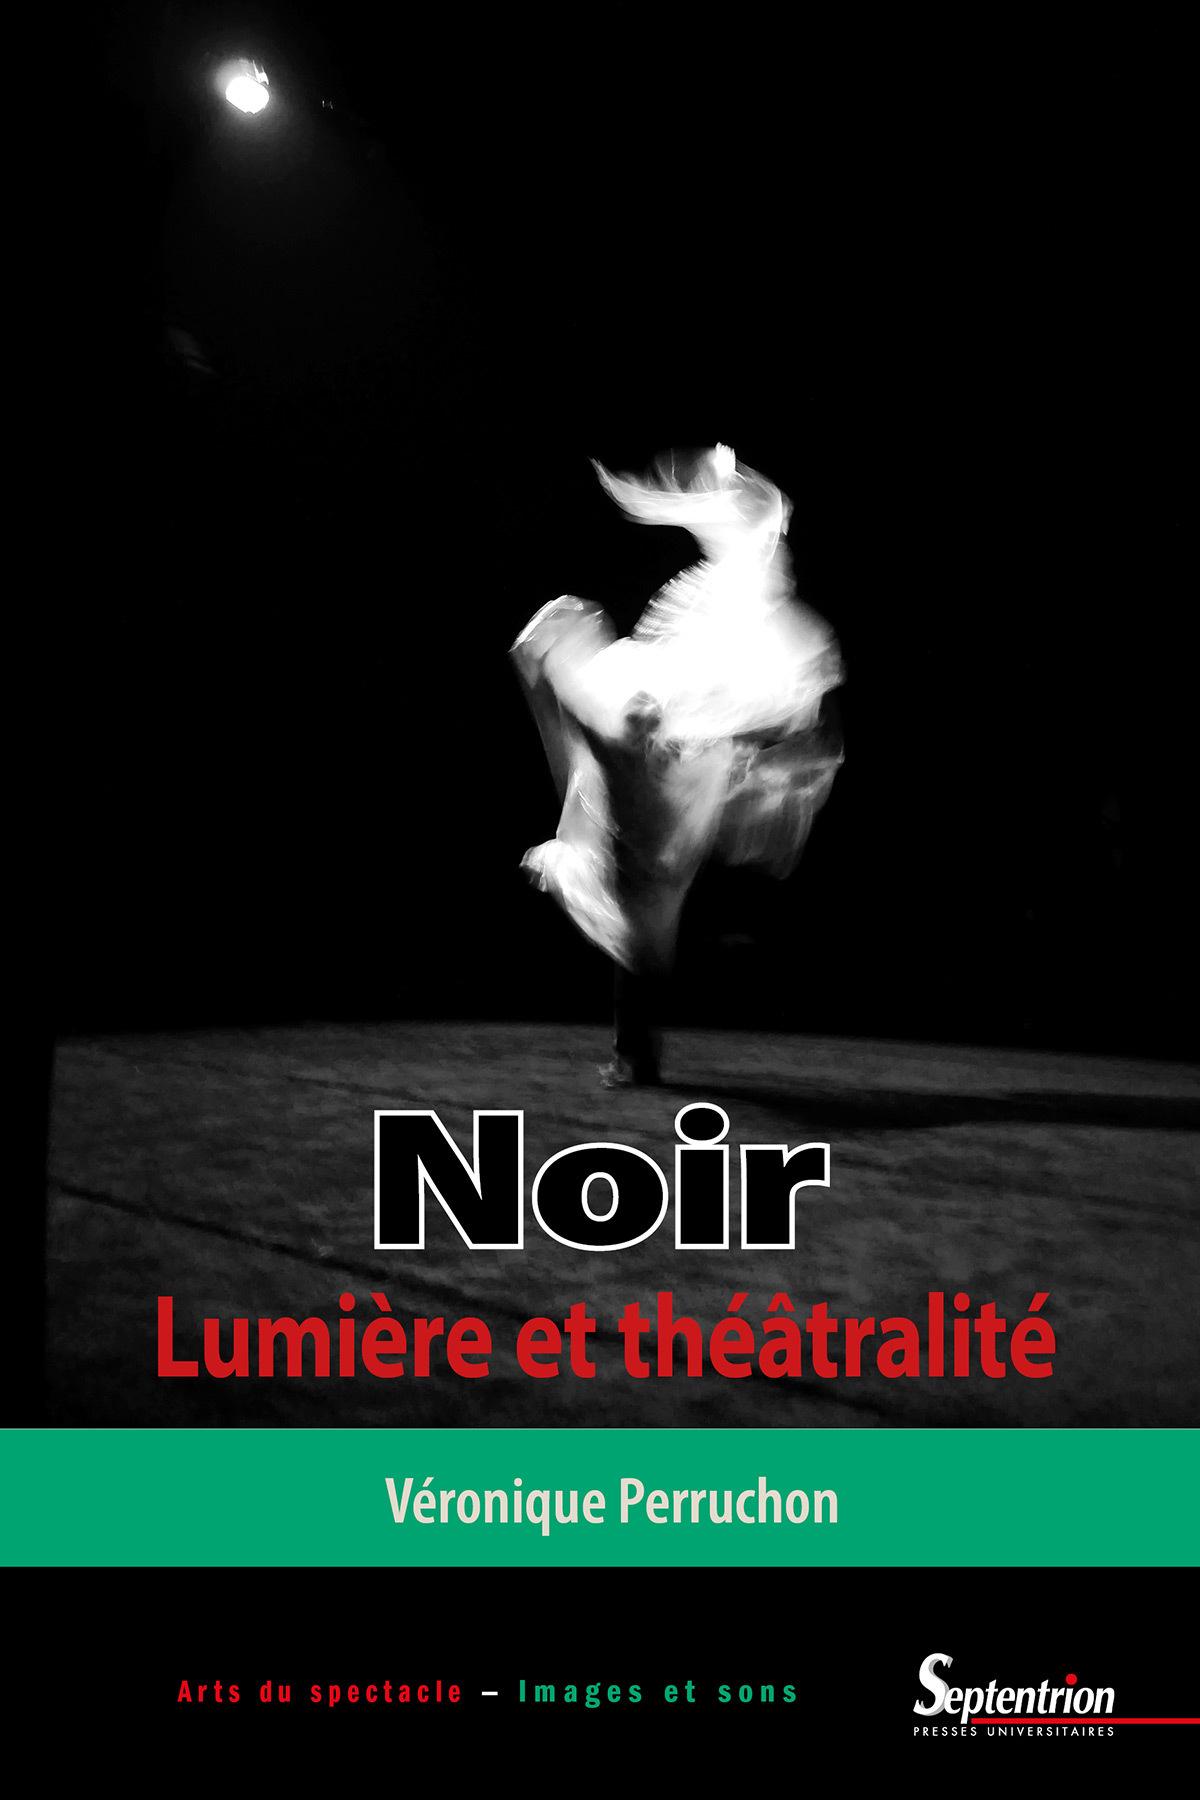 Une traversée historique et esthétique du noir au théâtre et de la lumière à la scène. Un livre de Véronique Perruchon à dévorer avant de se coucher.